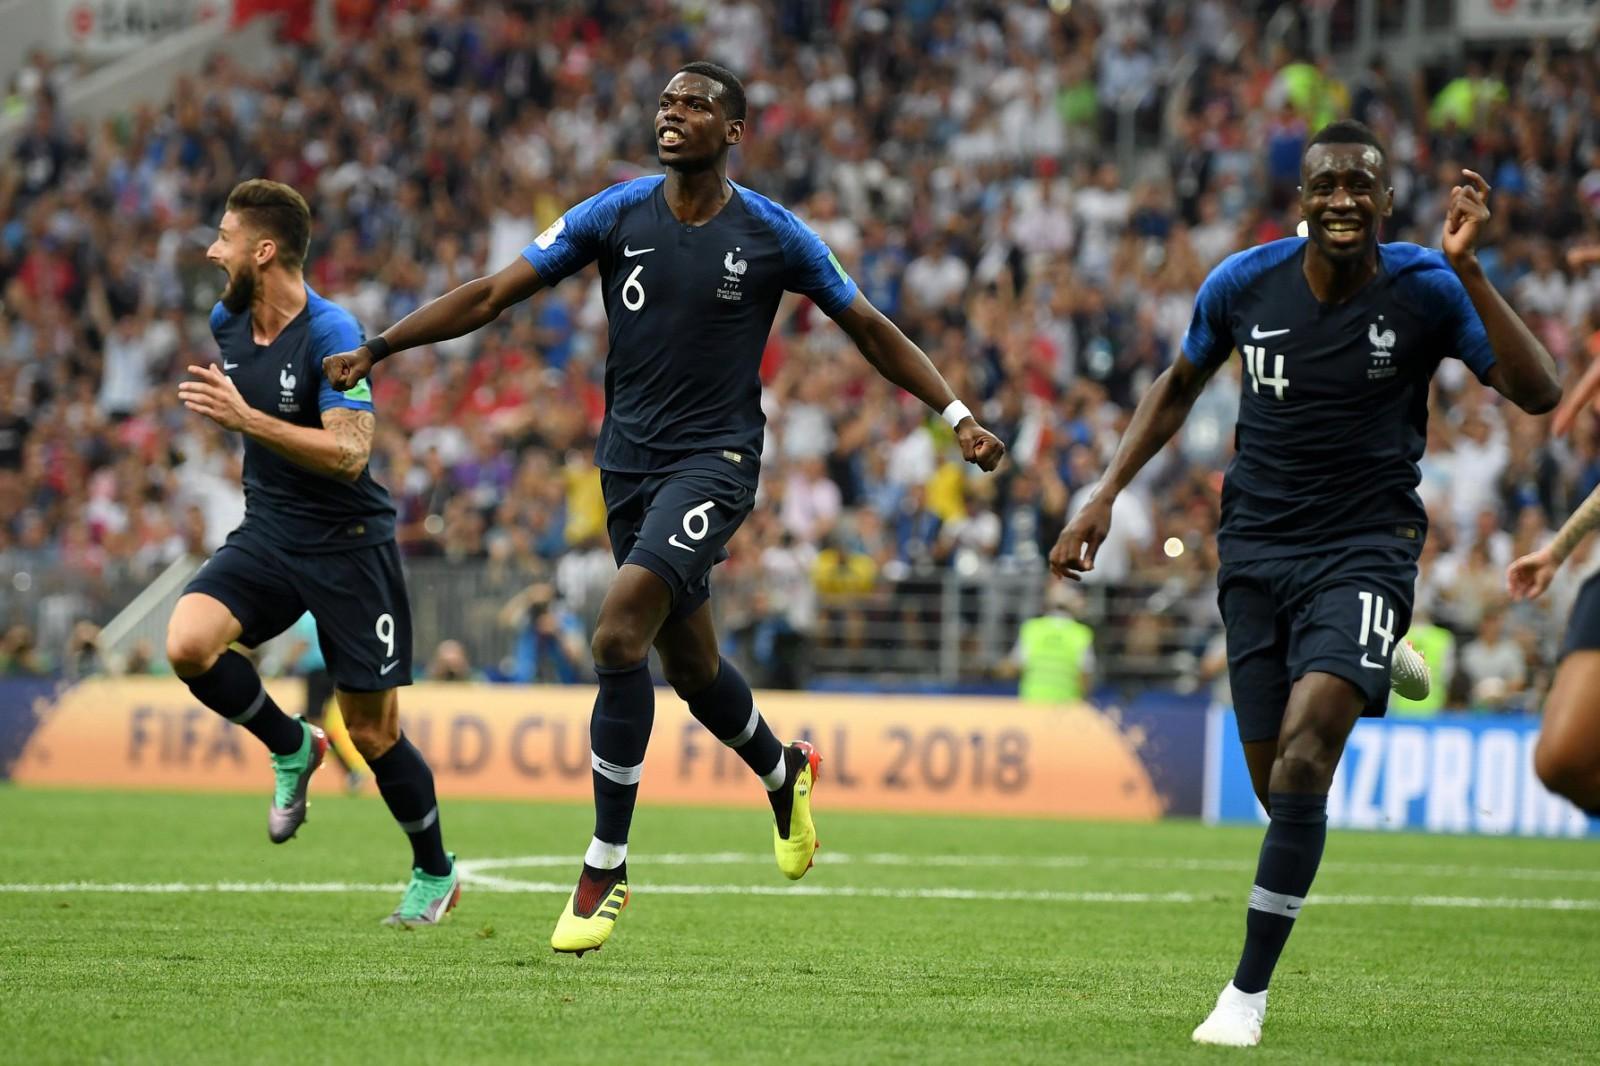 Franța este noua campioană mondială! Echipa antrenată de Didier Deschamps a învins în finală Croația